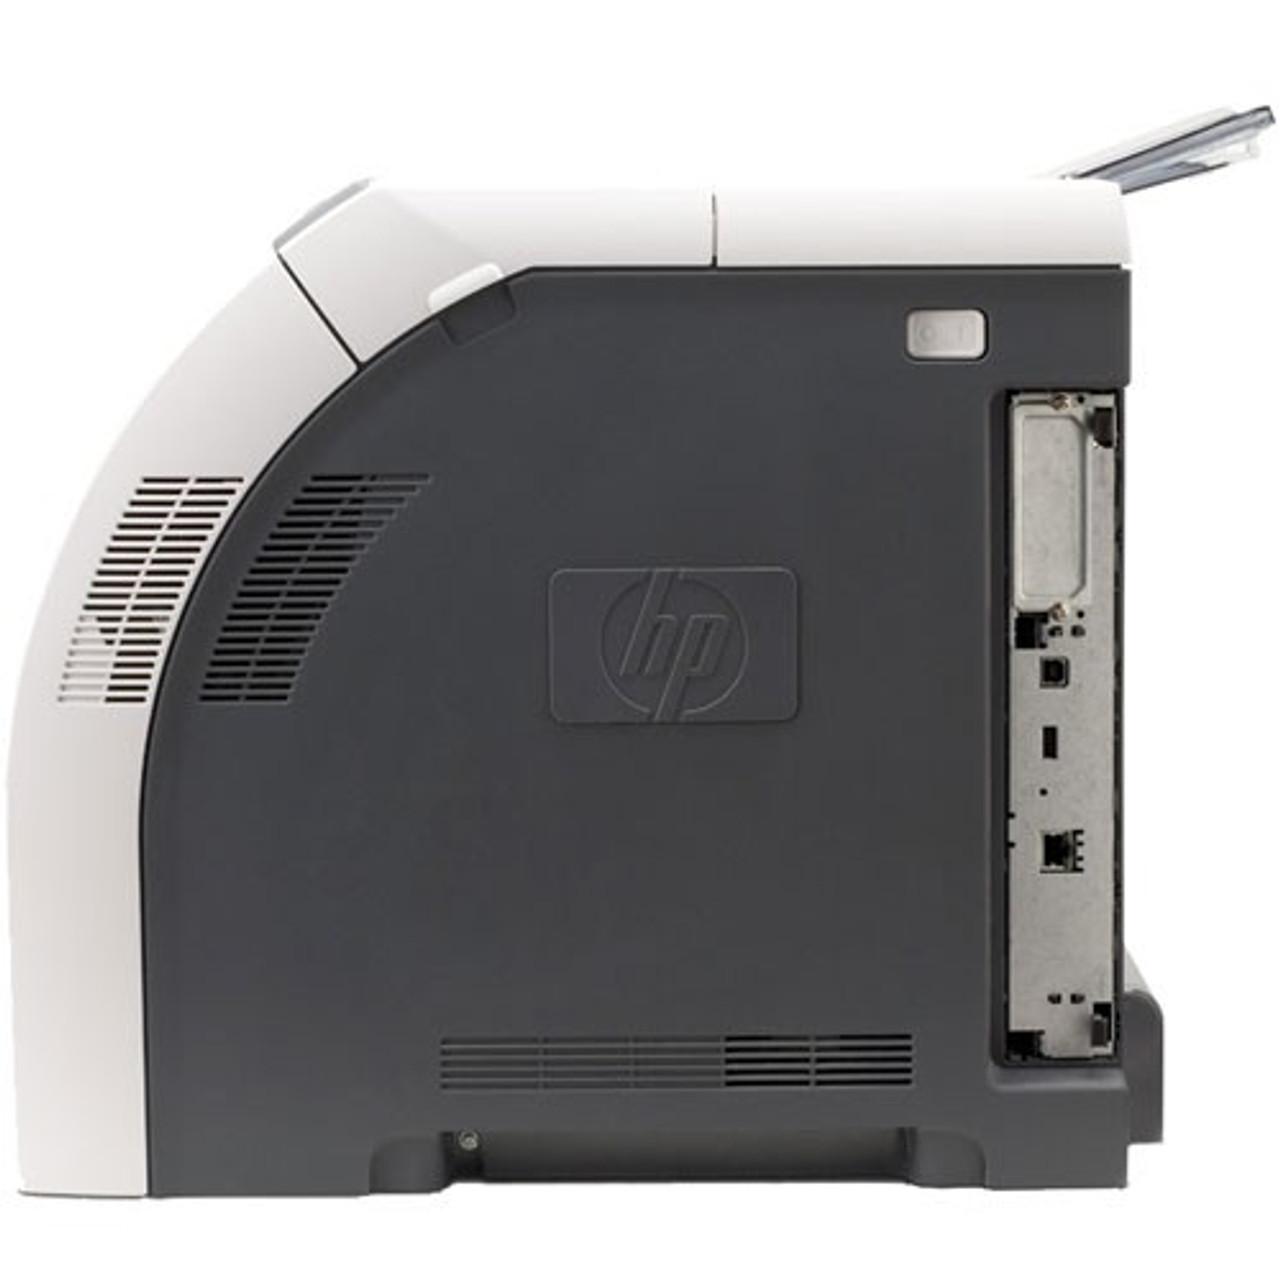 HP Color LaserJet 3800dn Color Laser printer -22 ppm -350 sheet